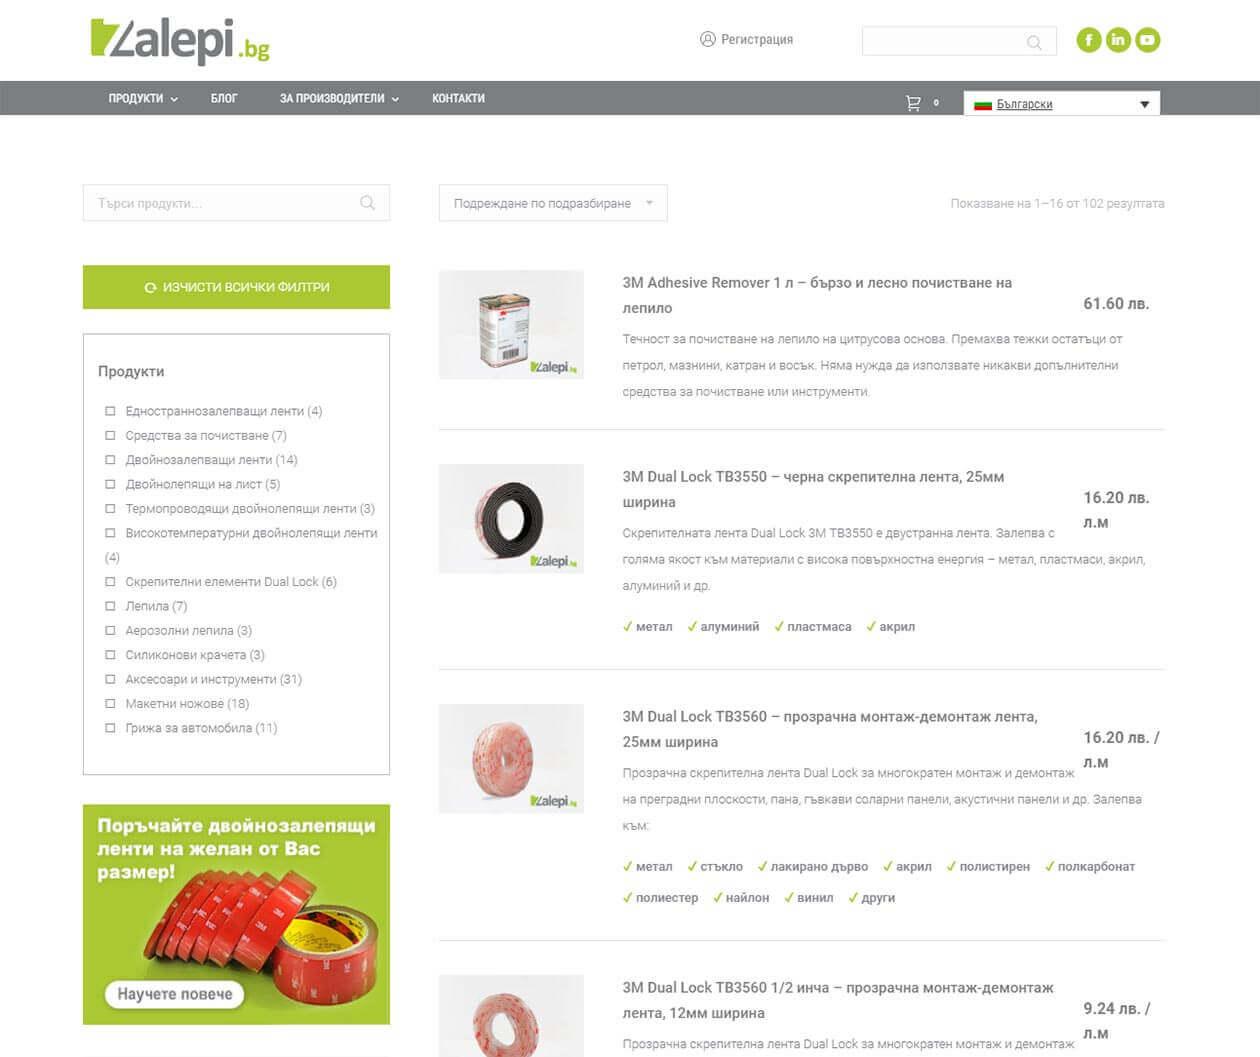 Изработка на онлайн магазин zalepi.bg - лепила и двойнолепящи ленти